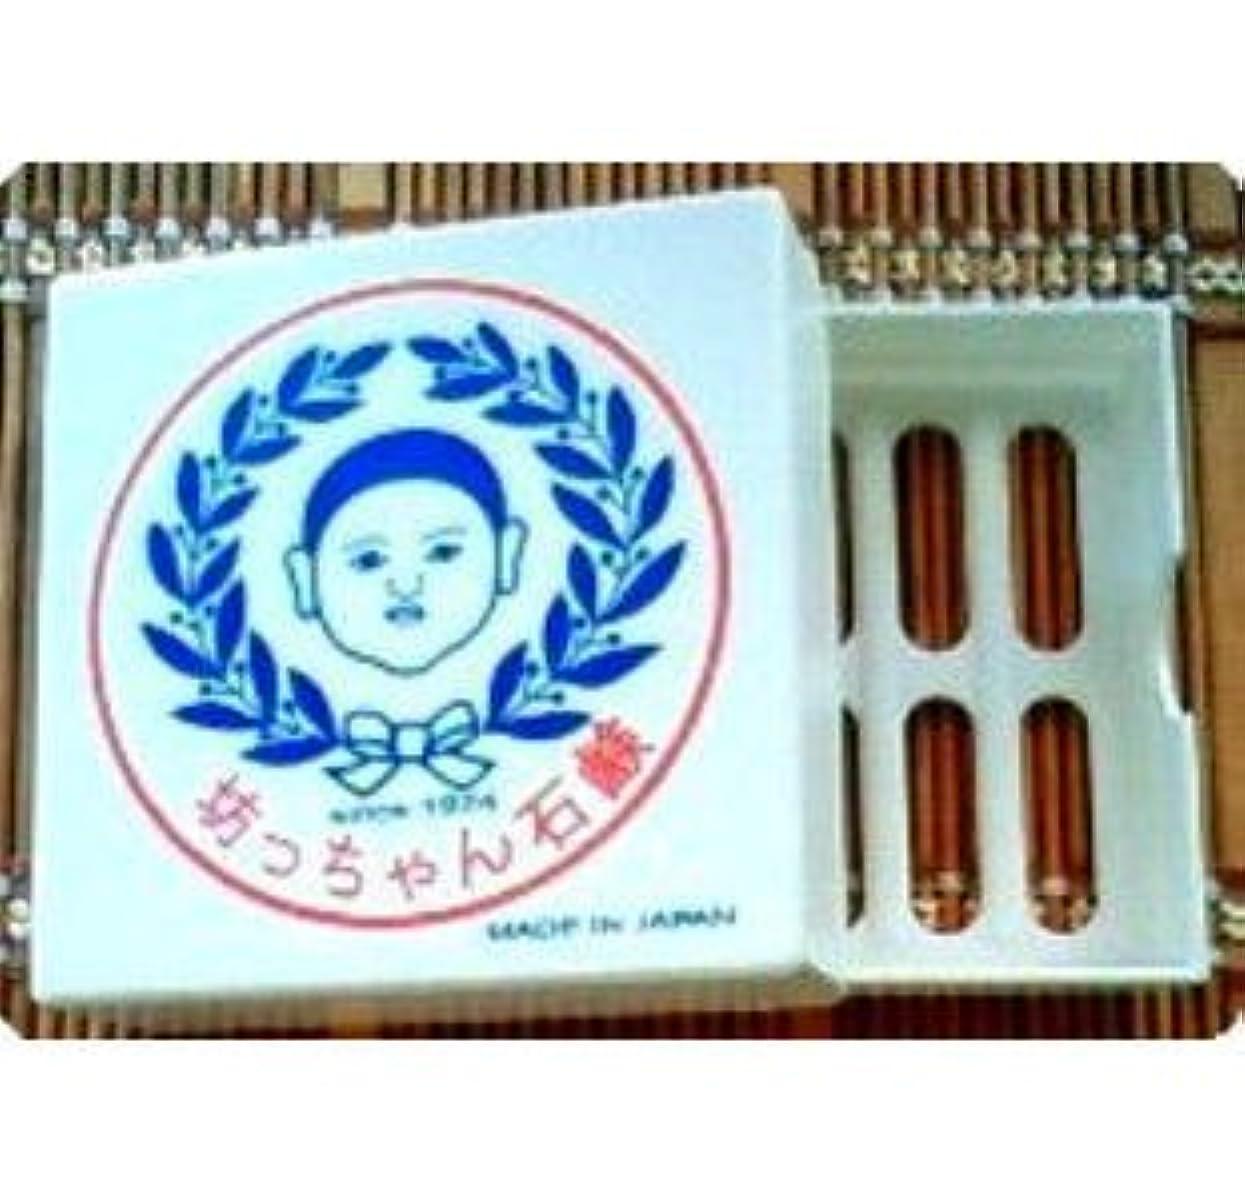 オール検出可能ルーフ坊っちゃん石鹸用ケース(石鹸入れ)